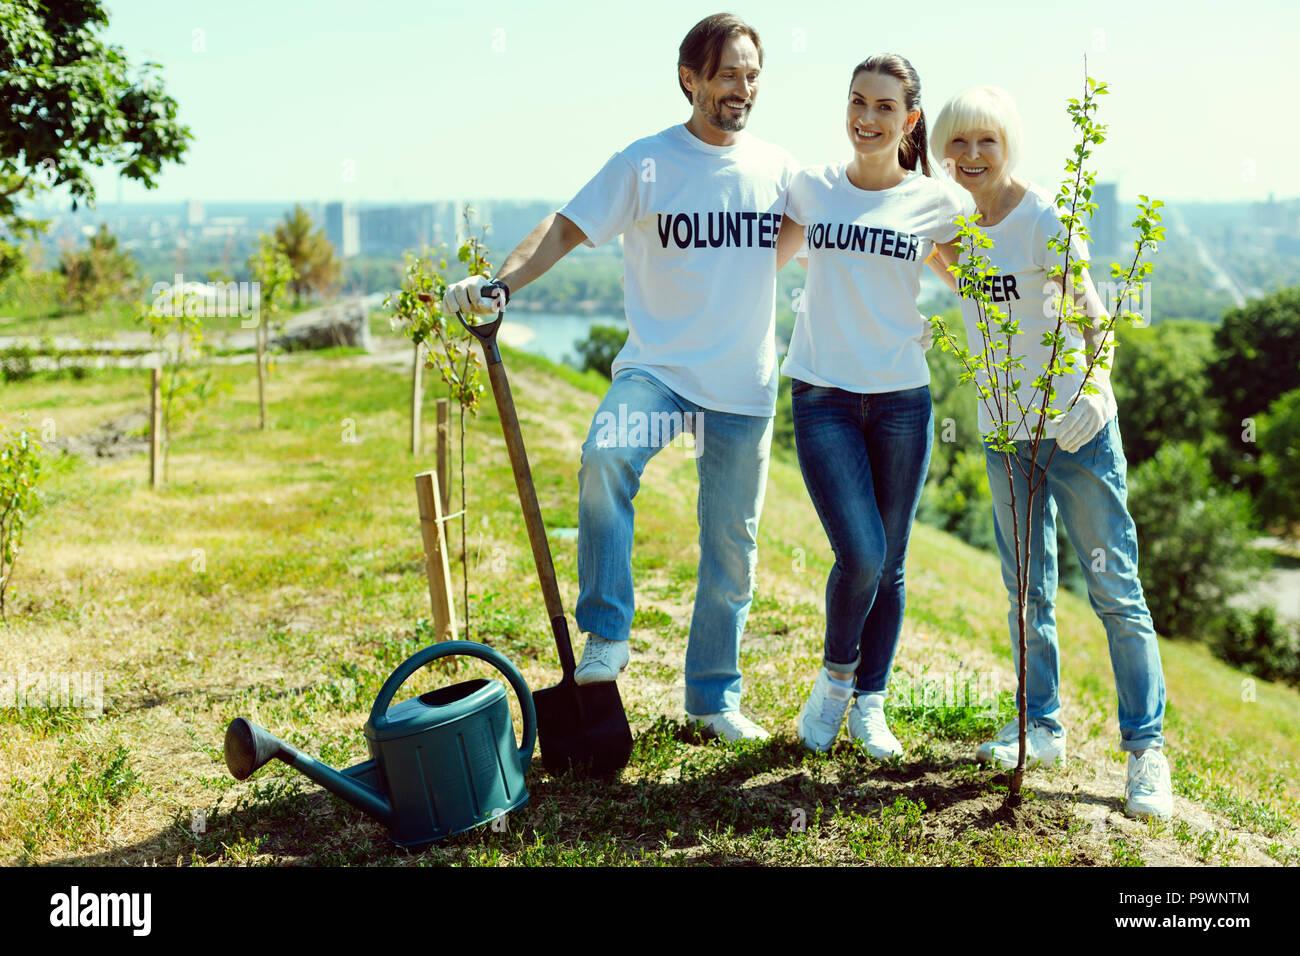 Groupe de volontaires debout près de nouvelles plantes Banque D'Images